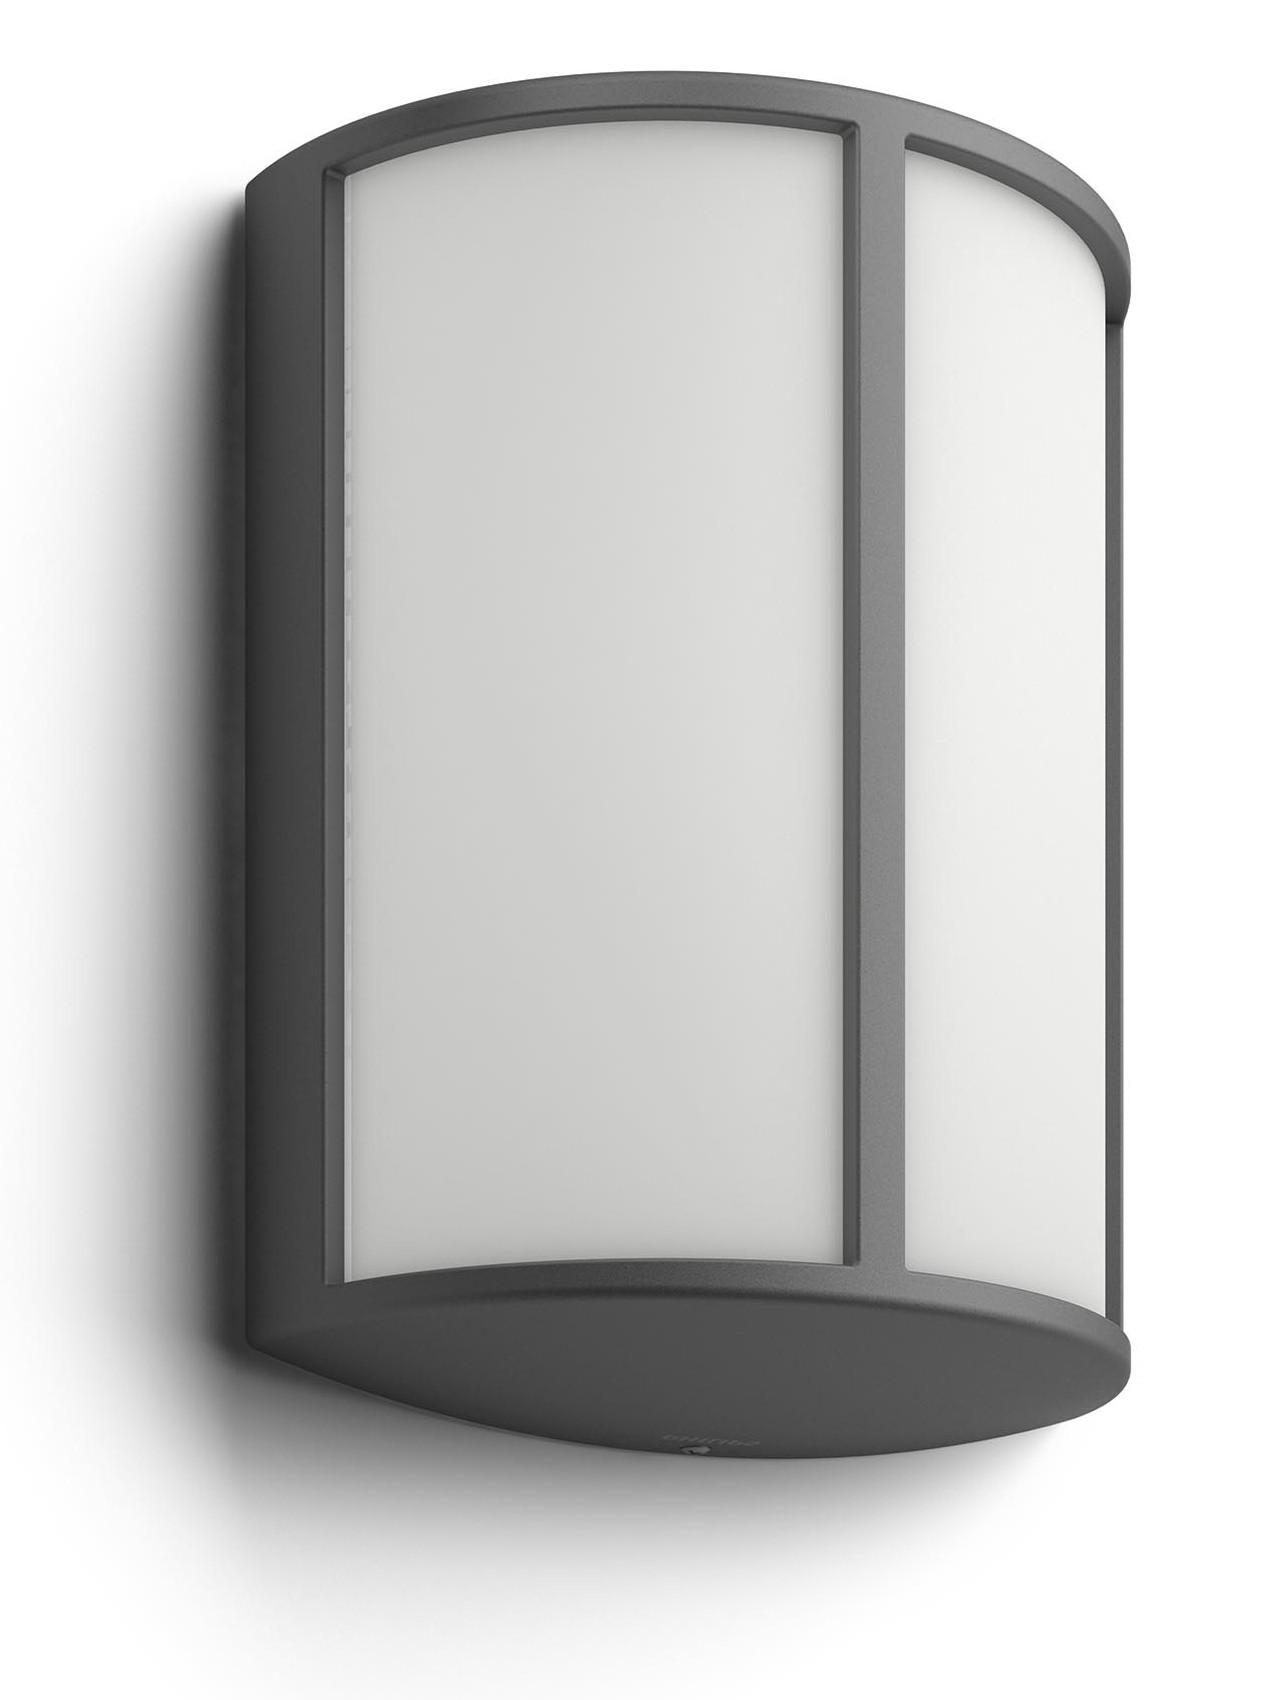 Applique Exterieur Philips pour applique d'extérieur à led stock - philips   comptoir des lustres